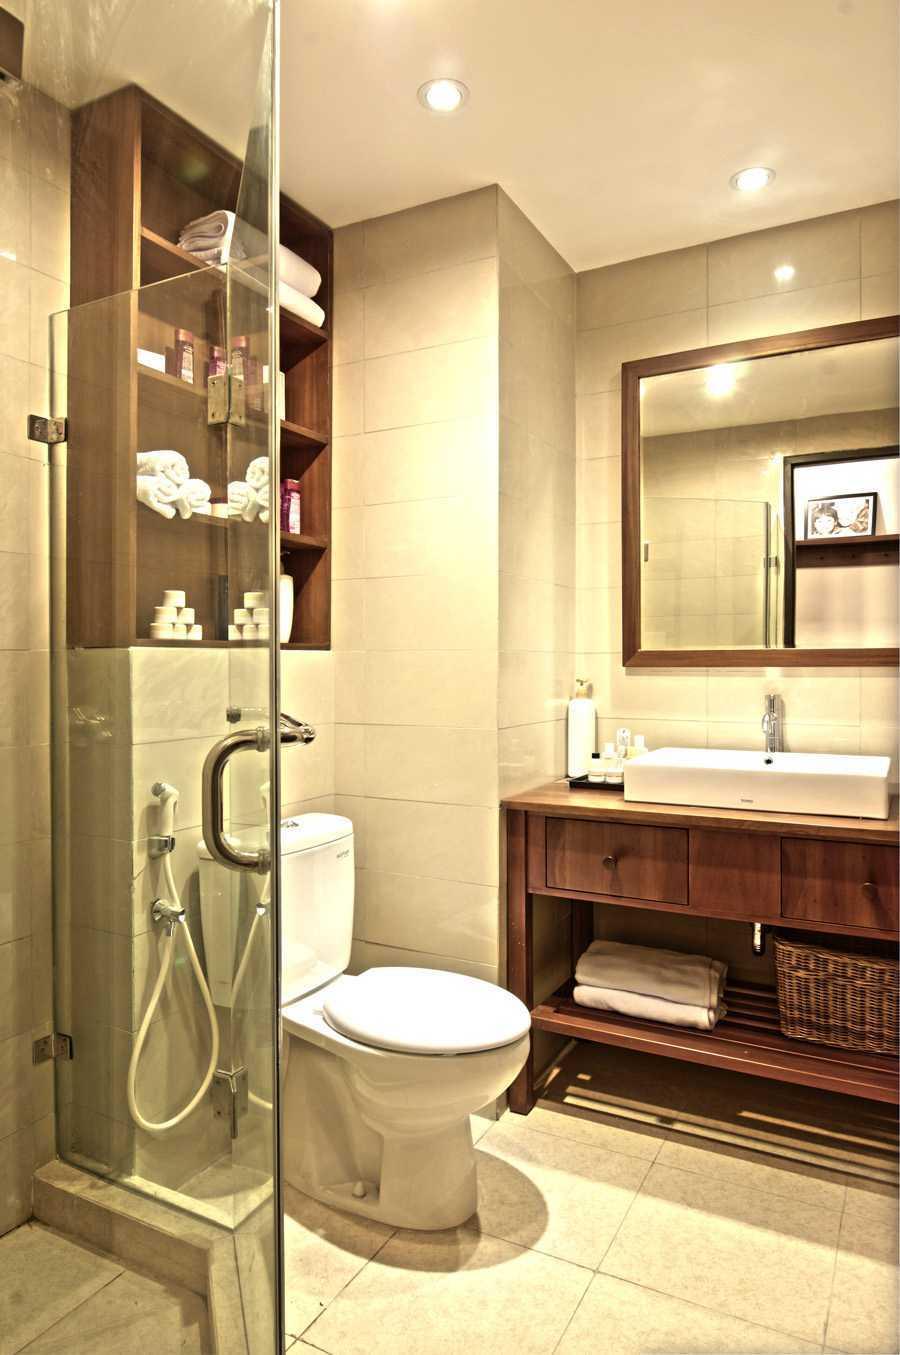 Foto inspirasi ide desain kamar mandi skandinavia Pasar baru mansion - bathroom oleh Pureline Living di Arsitag